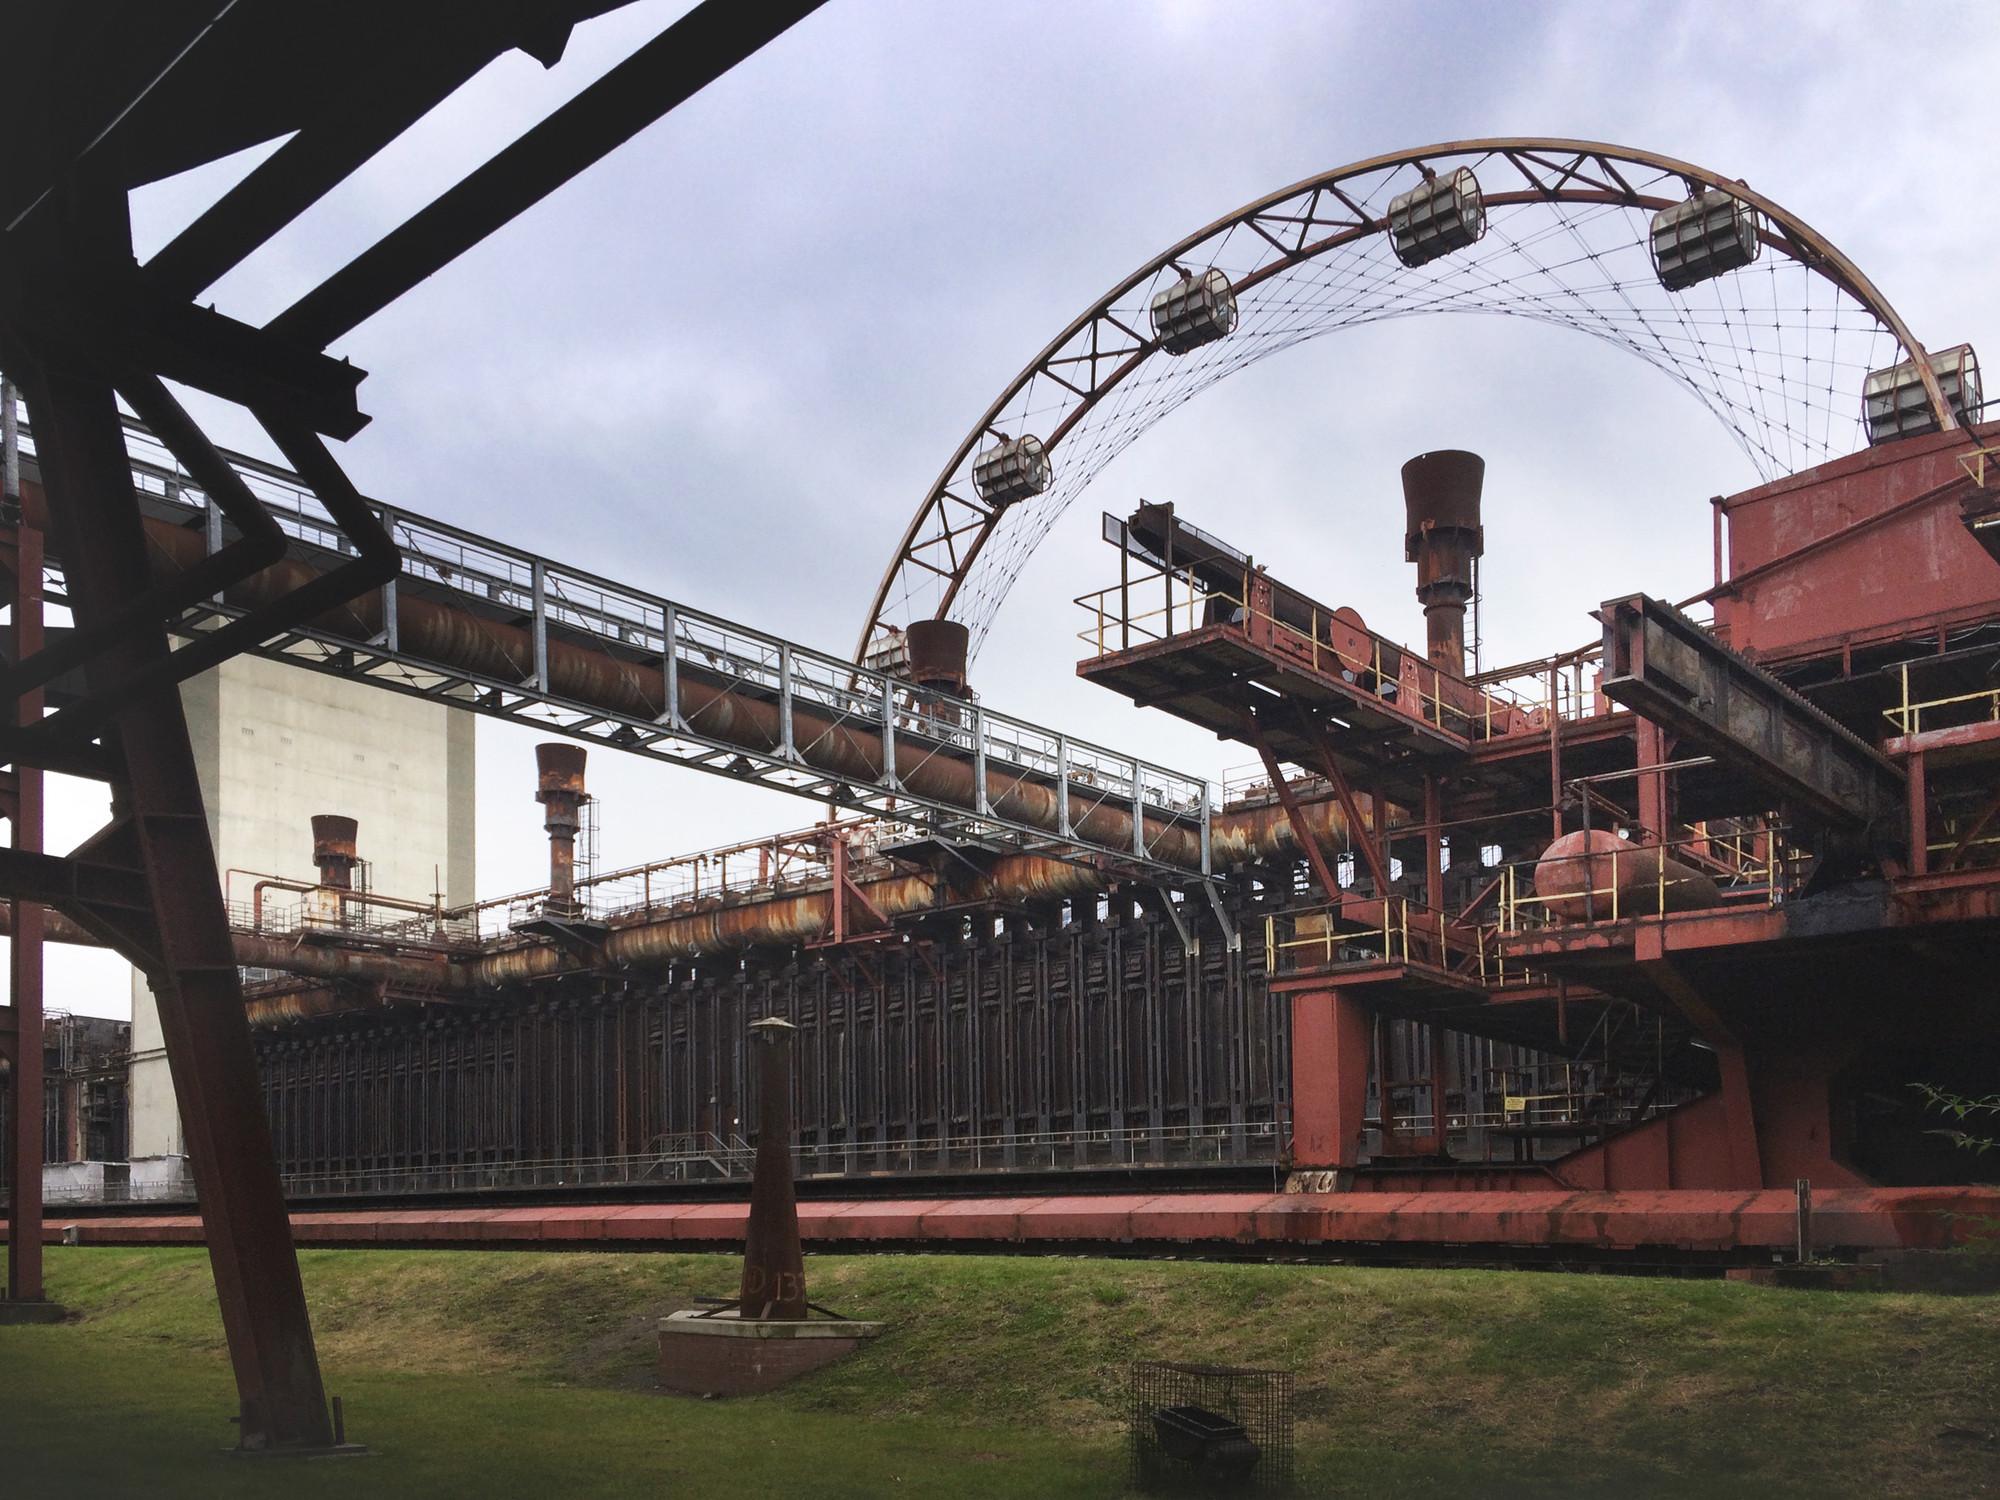 """Uma jornada fotográfica por Zollverein: a transformação de uma paisagem pós-industrial, A atração """"Skywheel"""". Imagem © Gili Merin"""